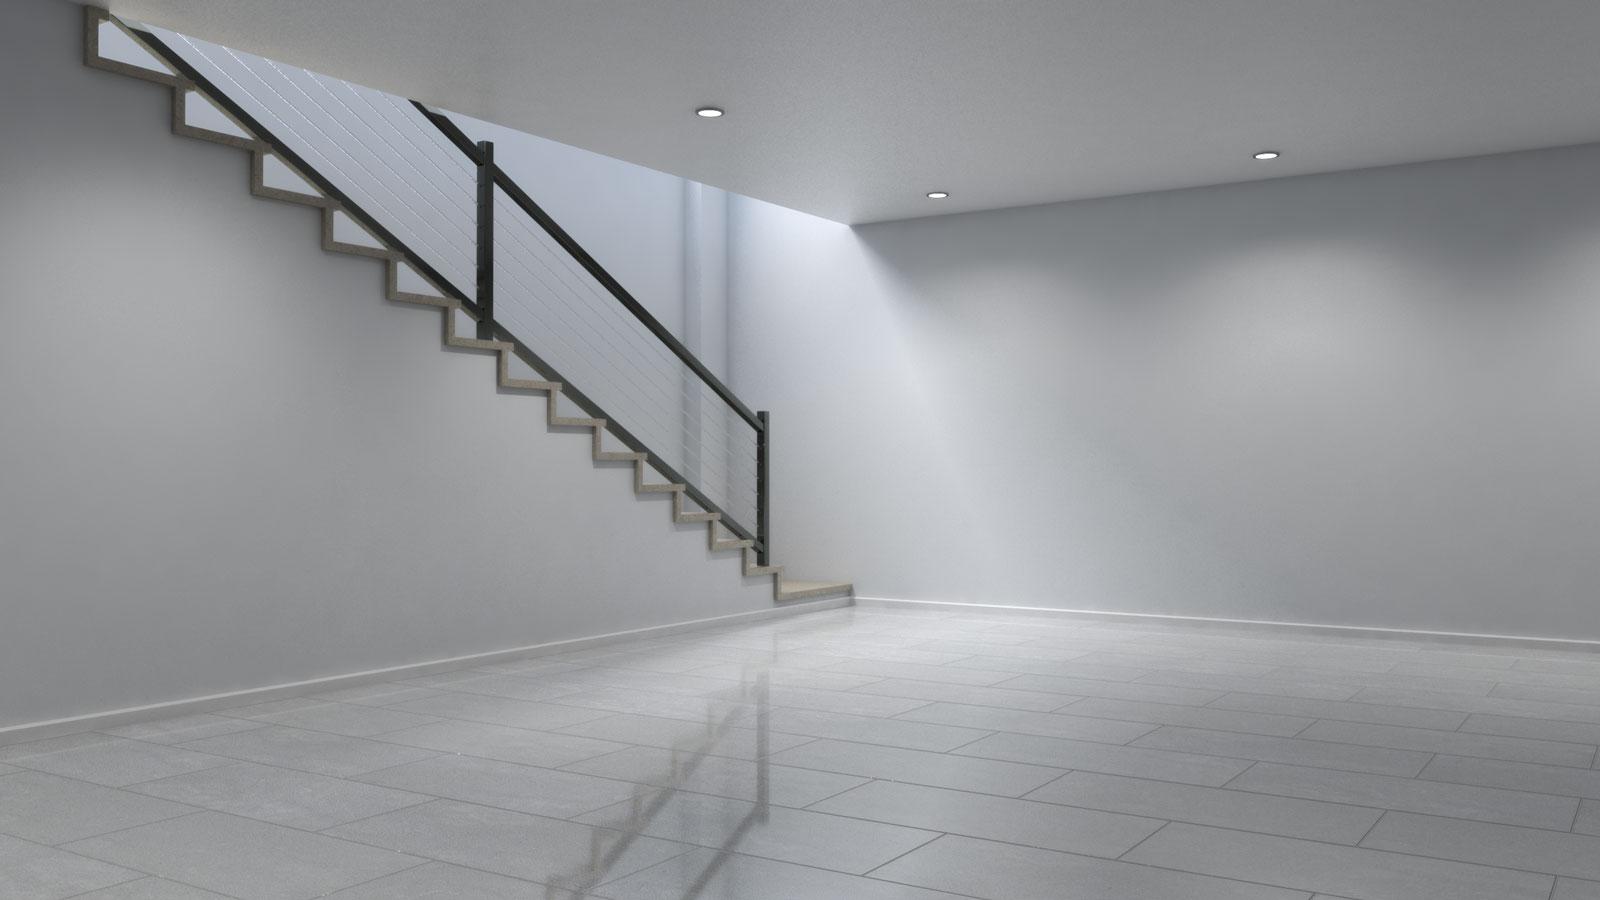 Basement using light gray tile floors